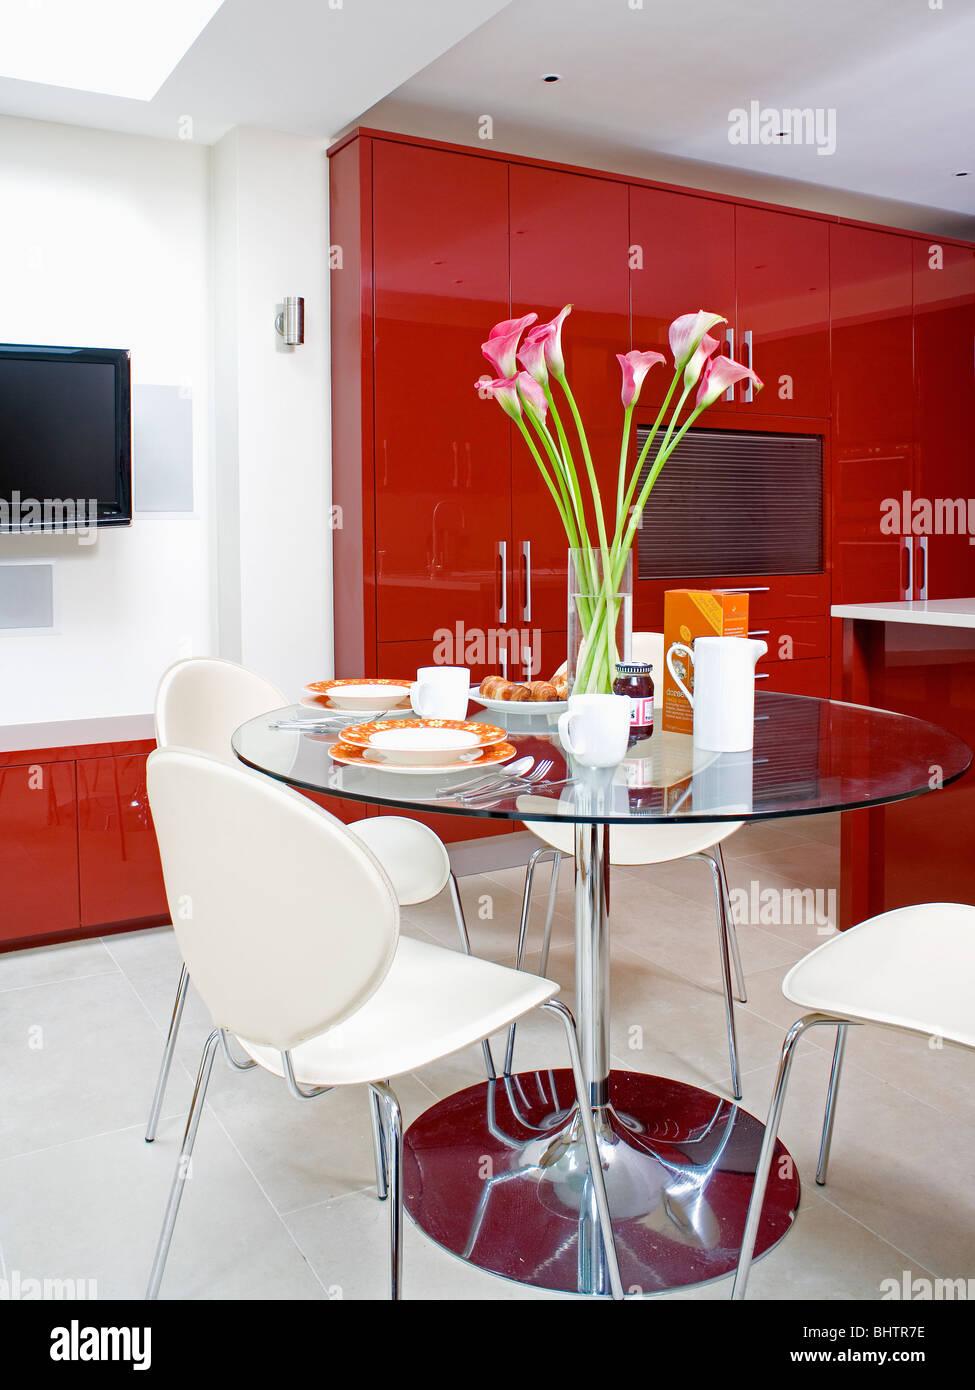 Weiße Stühle Am Runden Glas Und Stahl Tisch In Moderne Küche Esszimmer Mit  Weißer Bodenbelag Und Rotem Lack Schränke